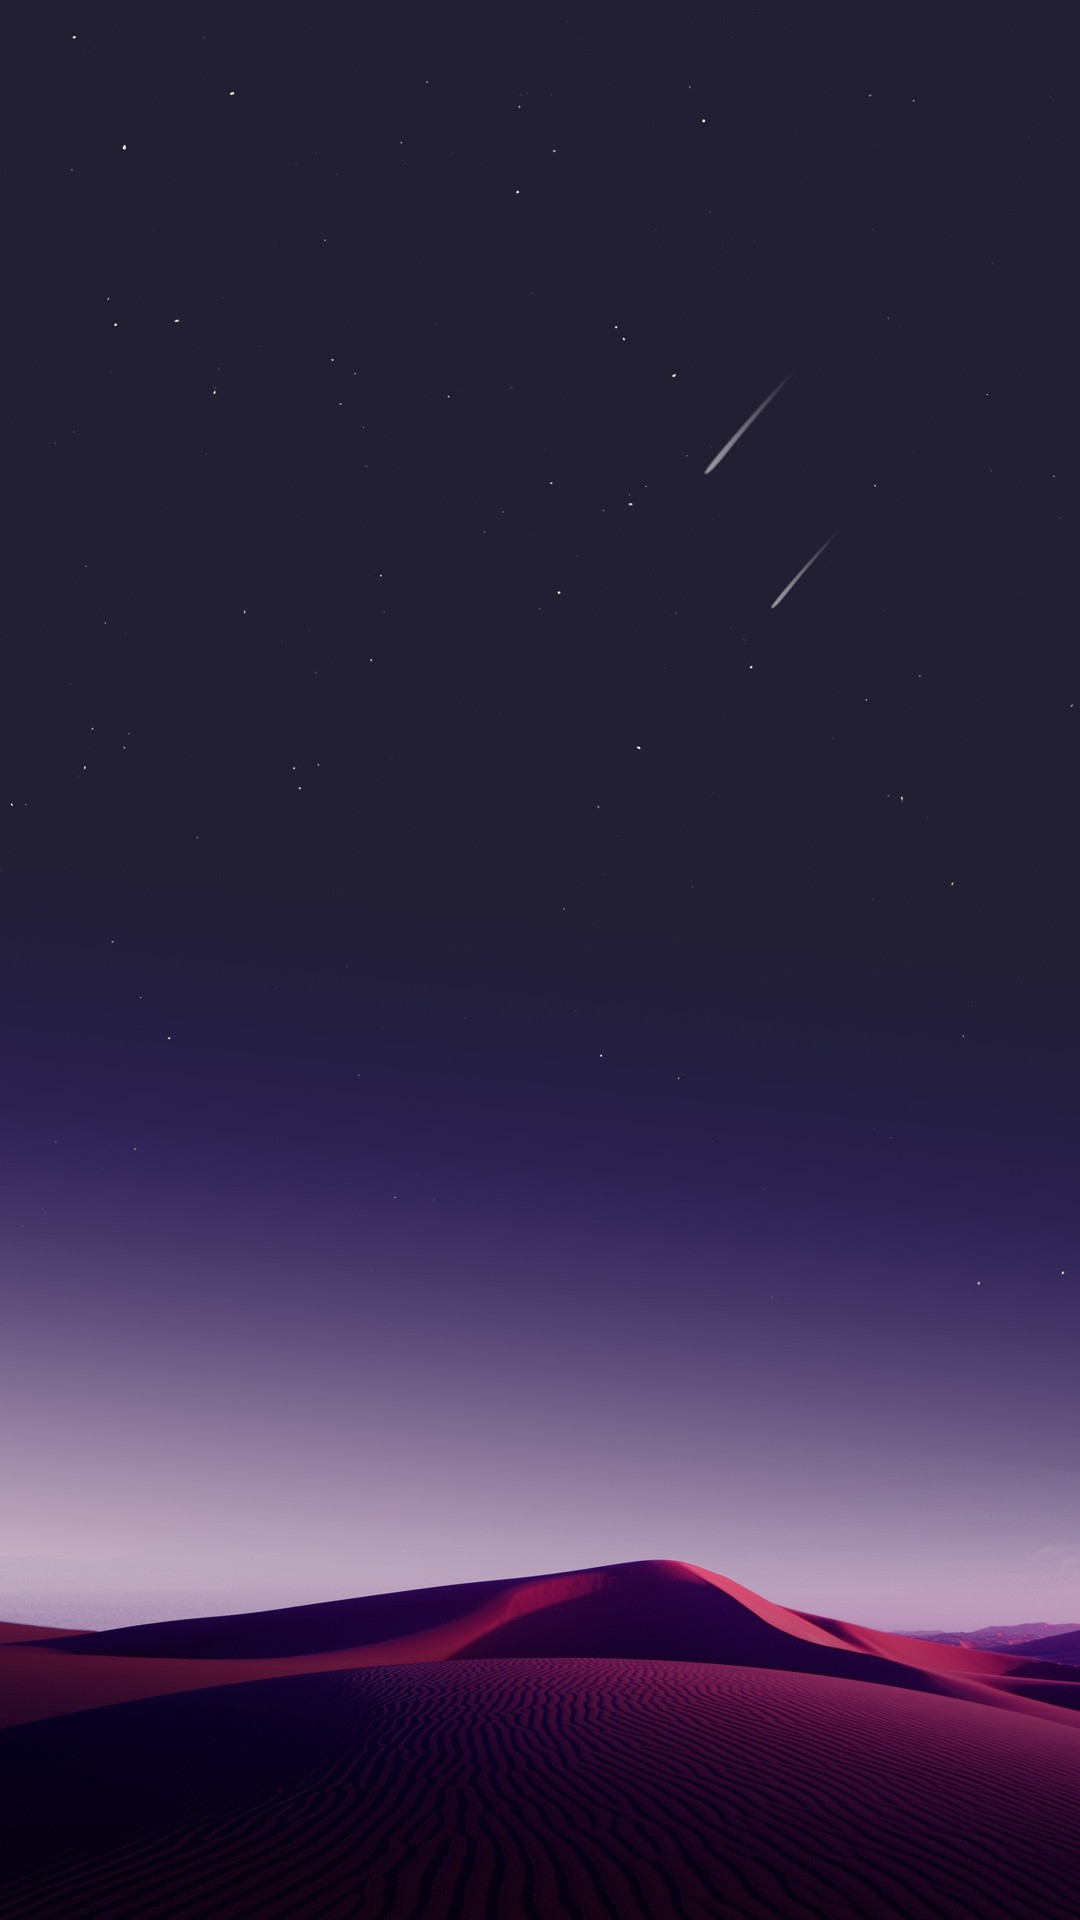 galaxy 1080x1920